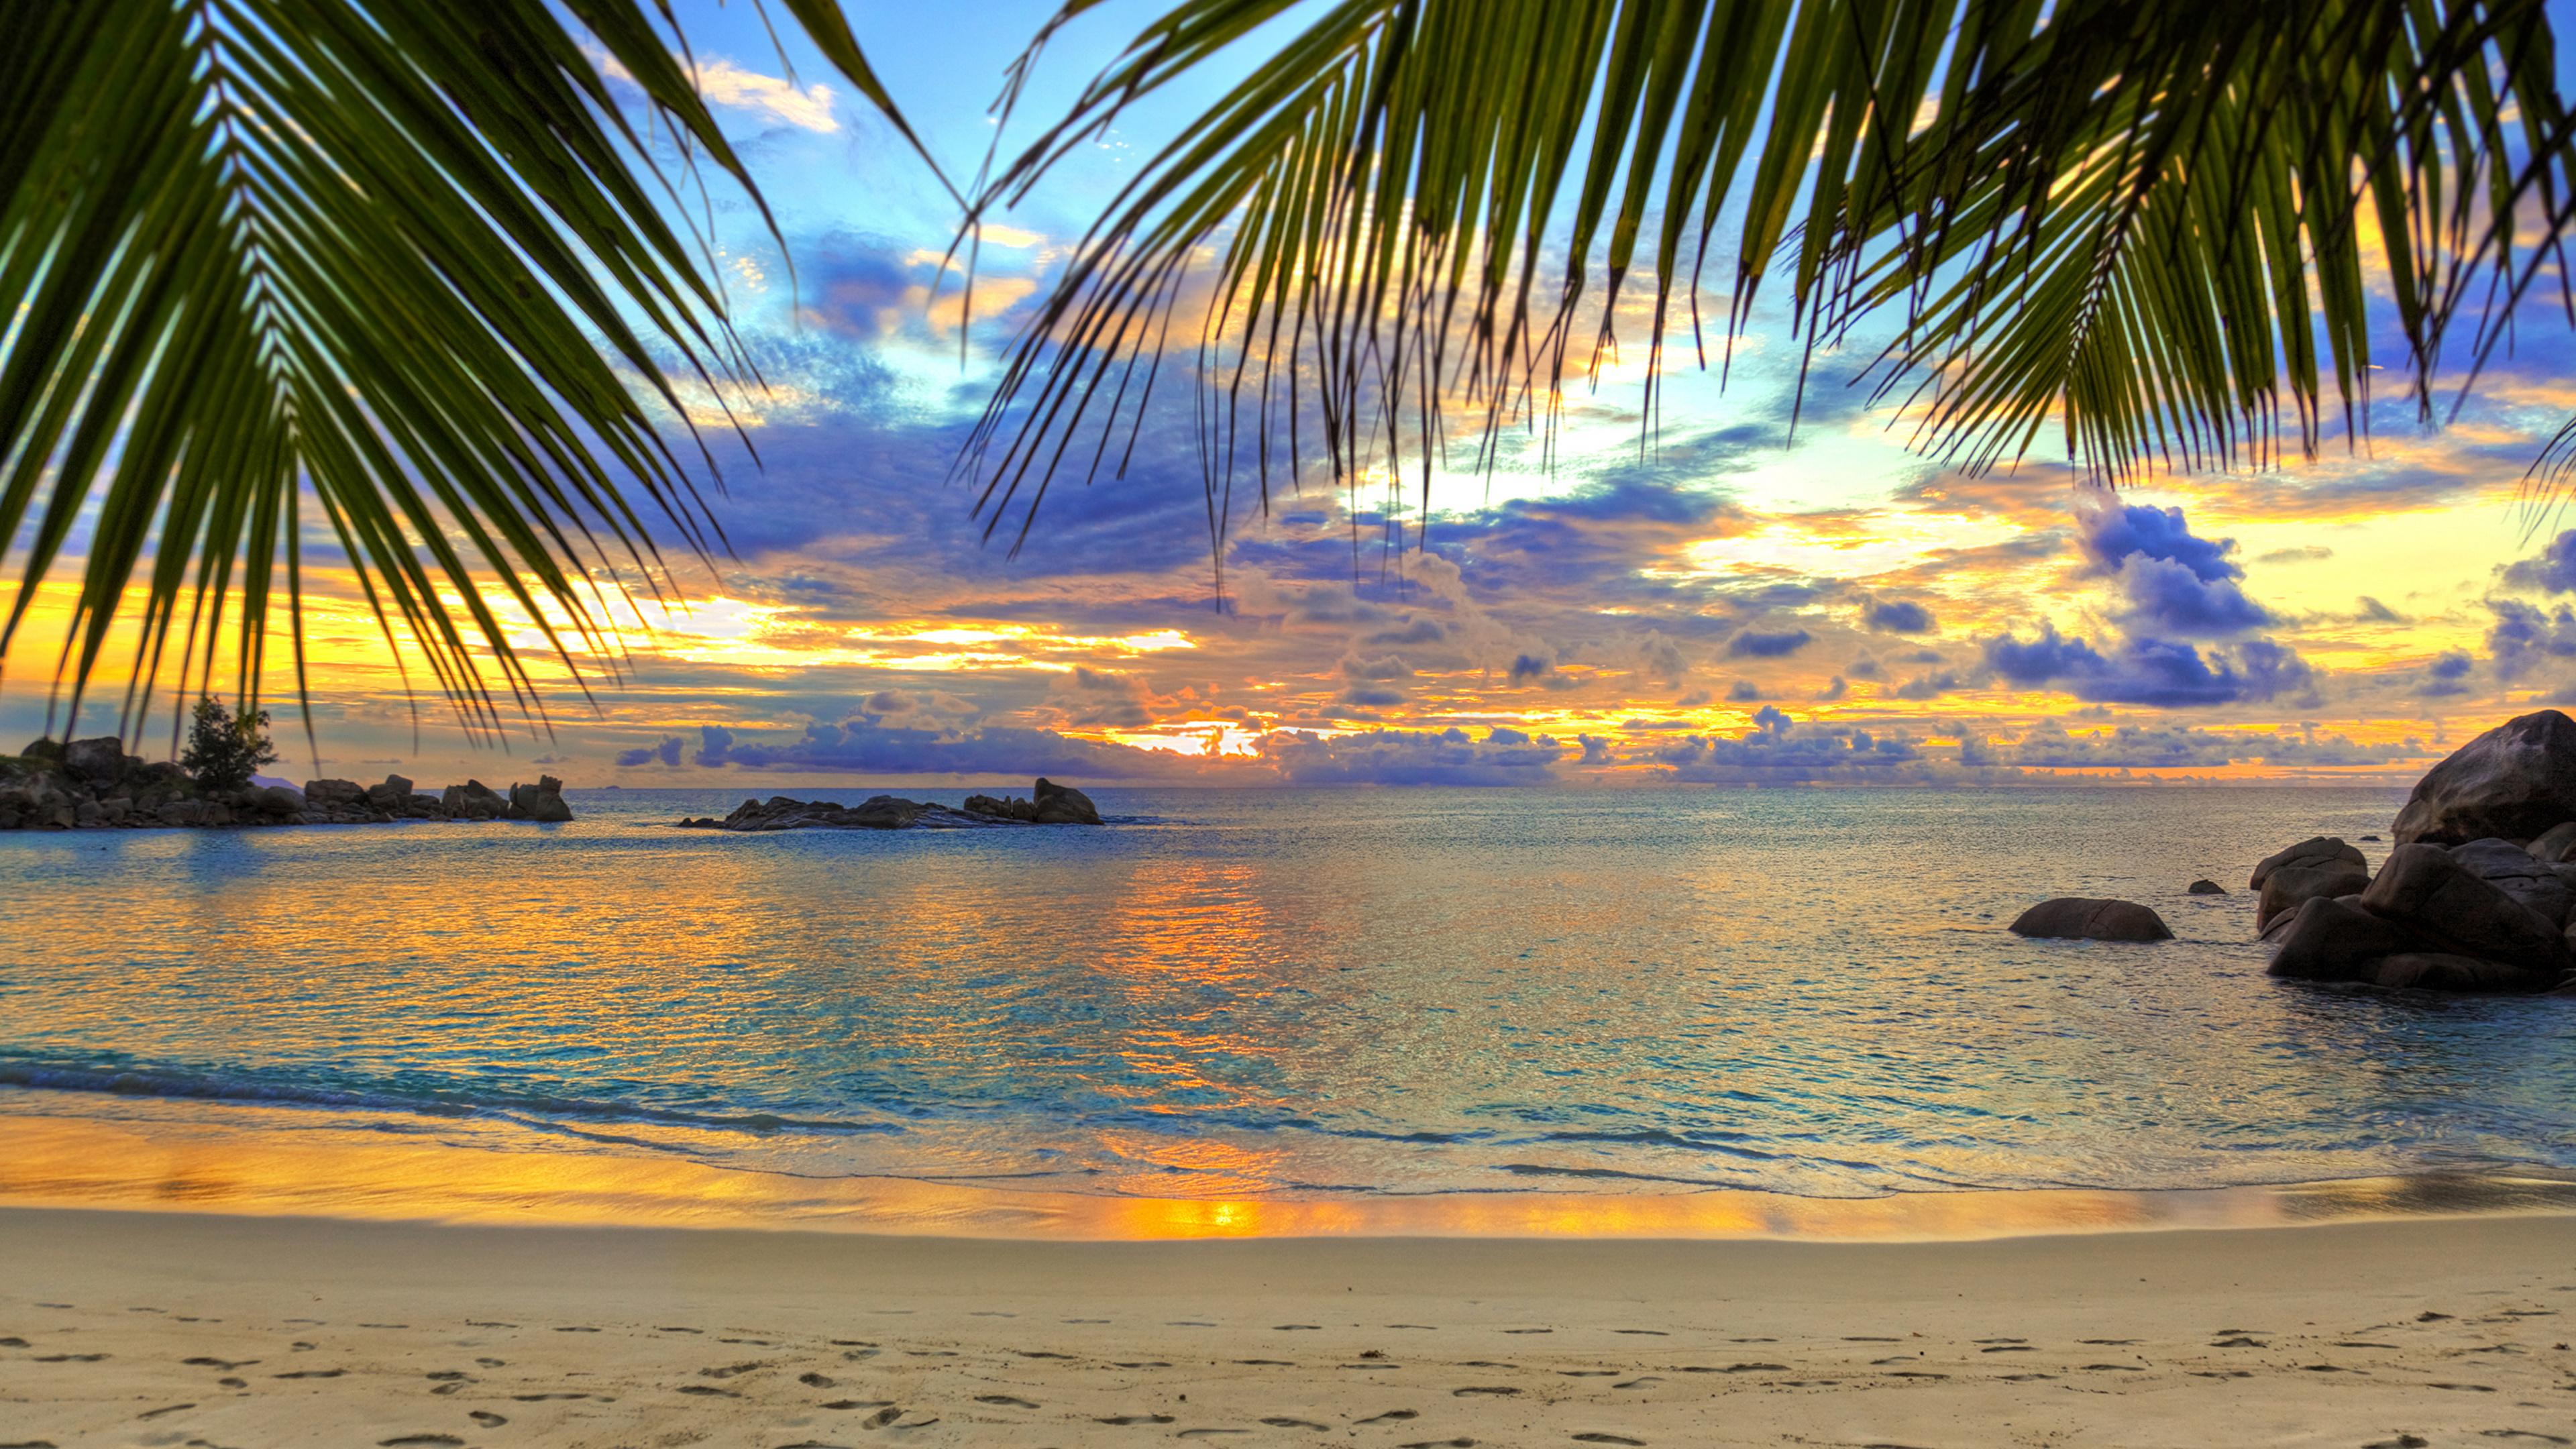 Море и пляж фото на рабочий стол